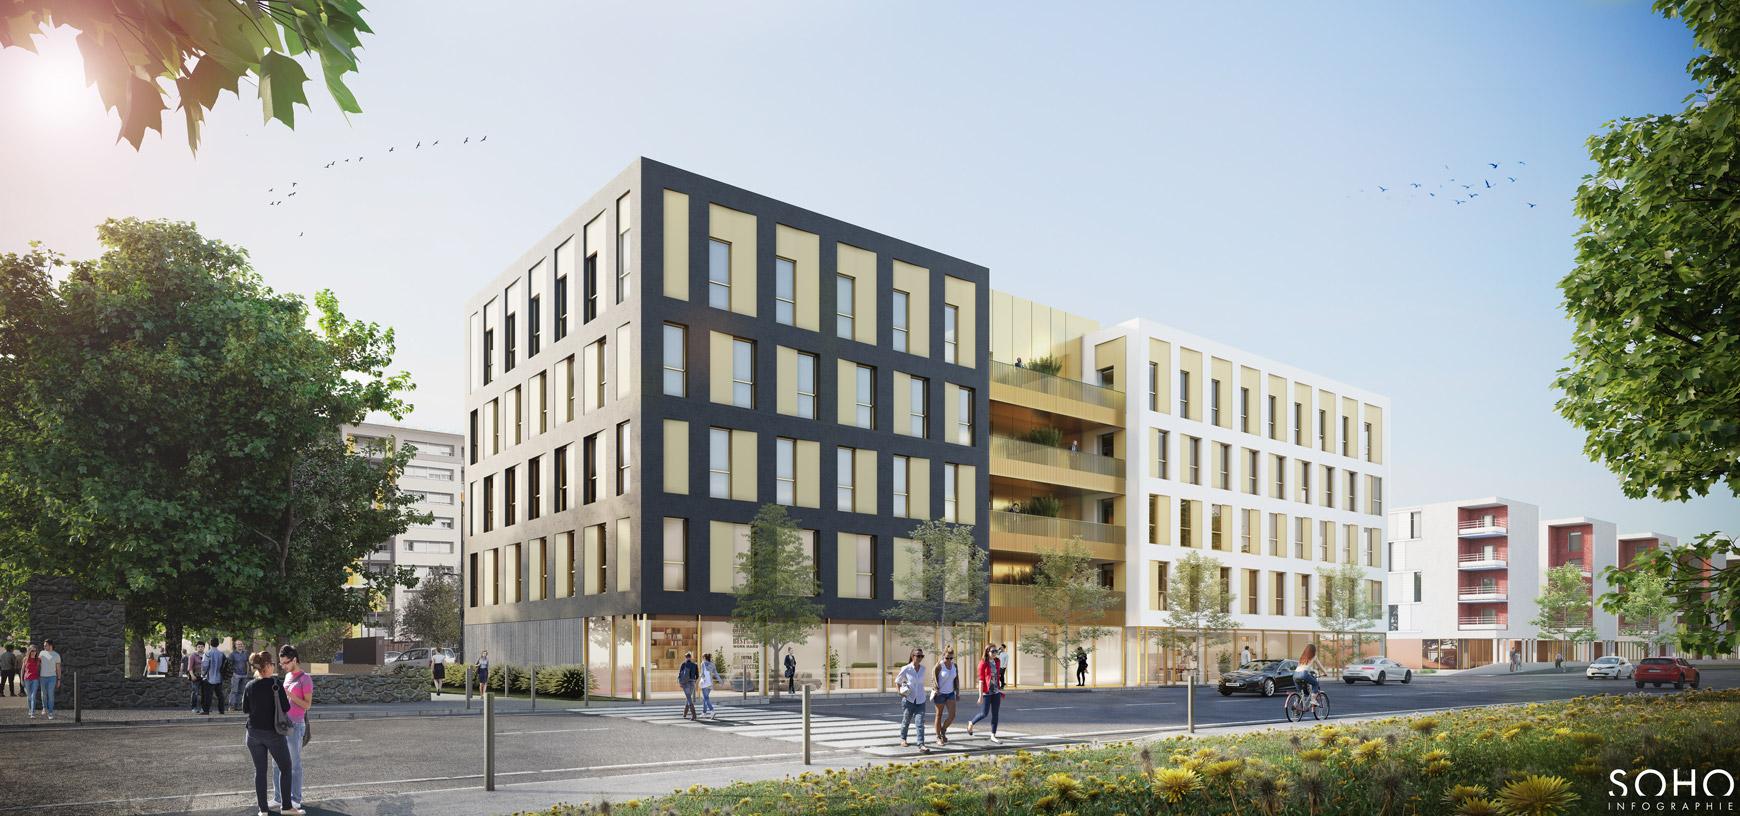 Ensemble immobilier de bureaux et d'activité à Macon, réalisé par le pôle Tertiaire de l'agence d'architecture SOHO ATLAS IN FINE LYON. Perspective, vue depuis la rue.